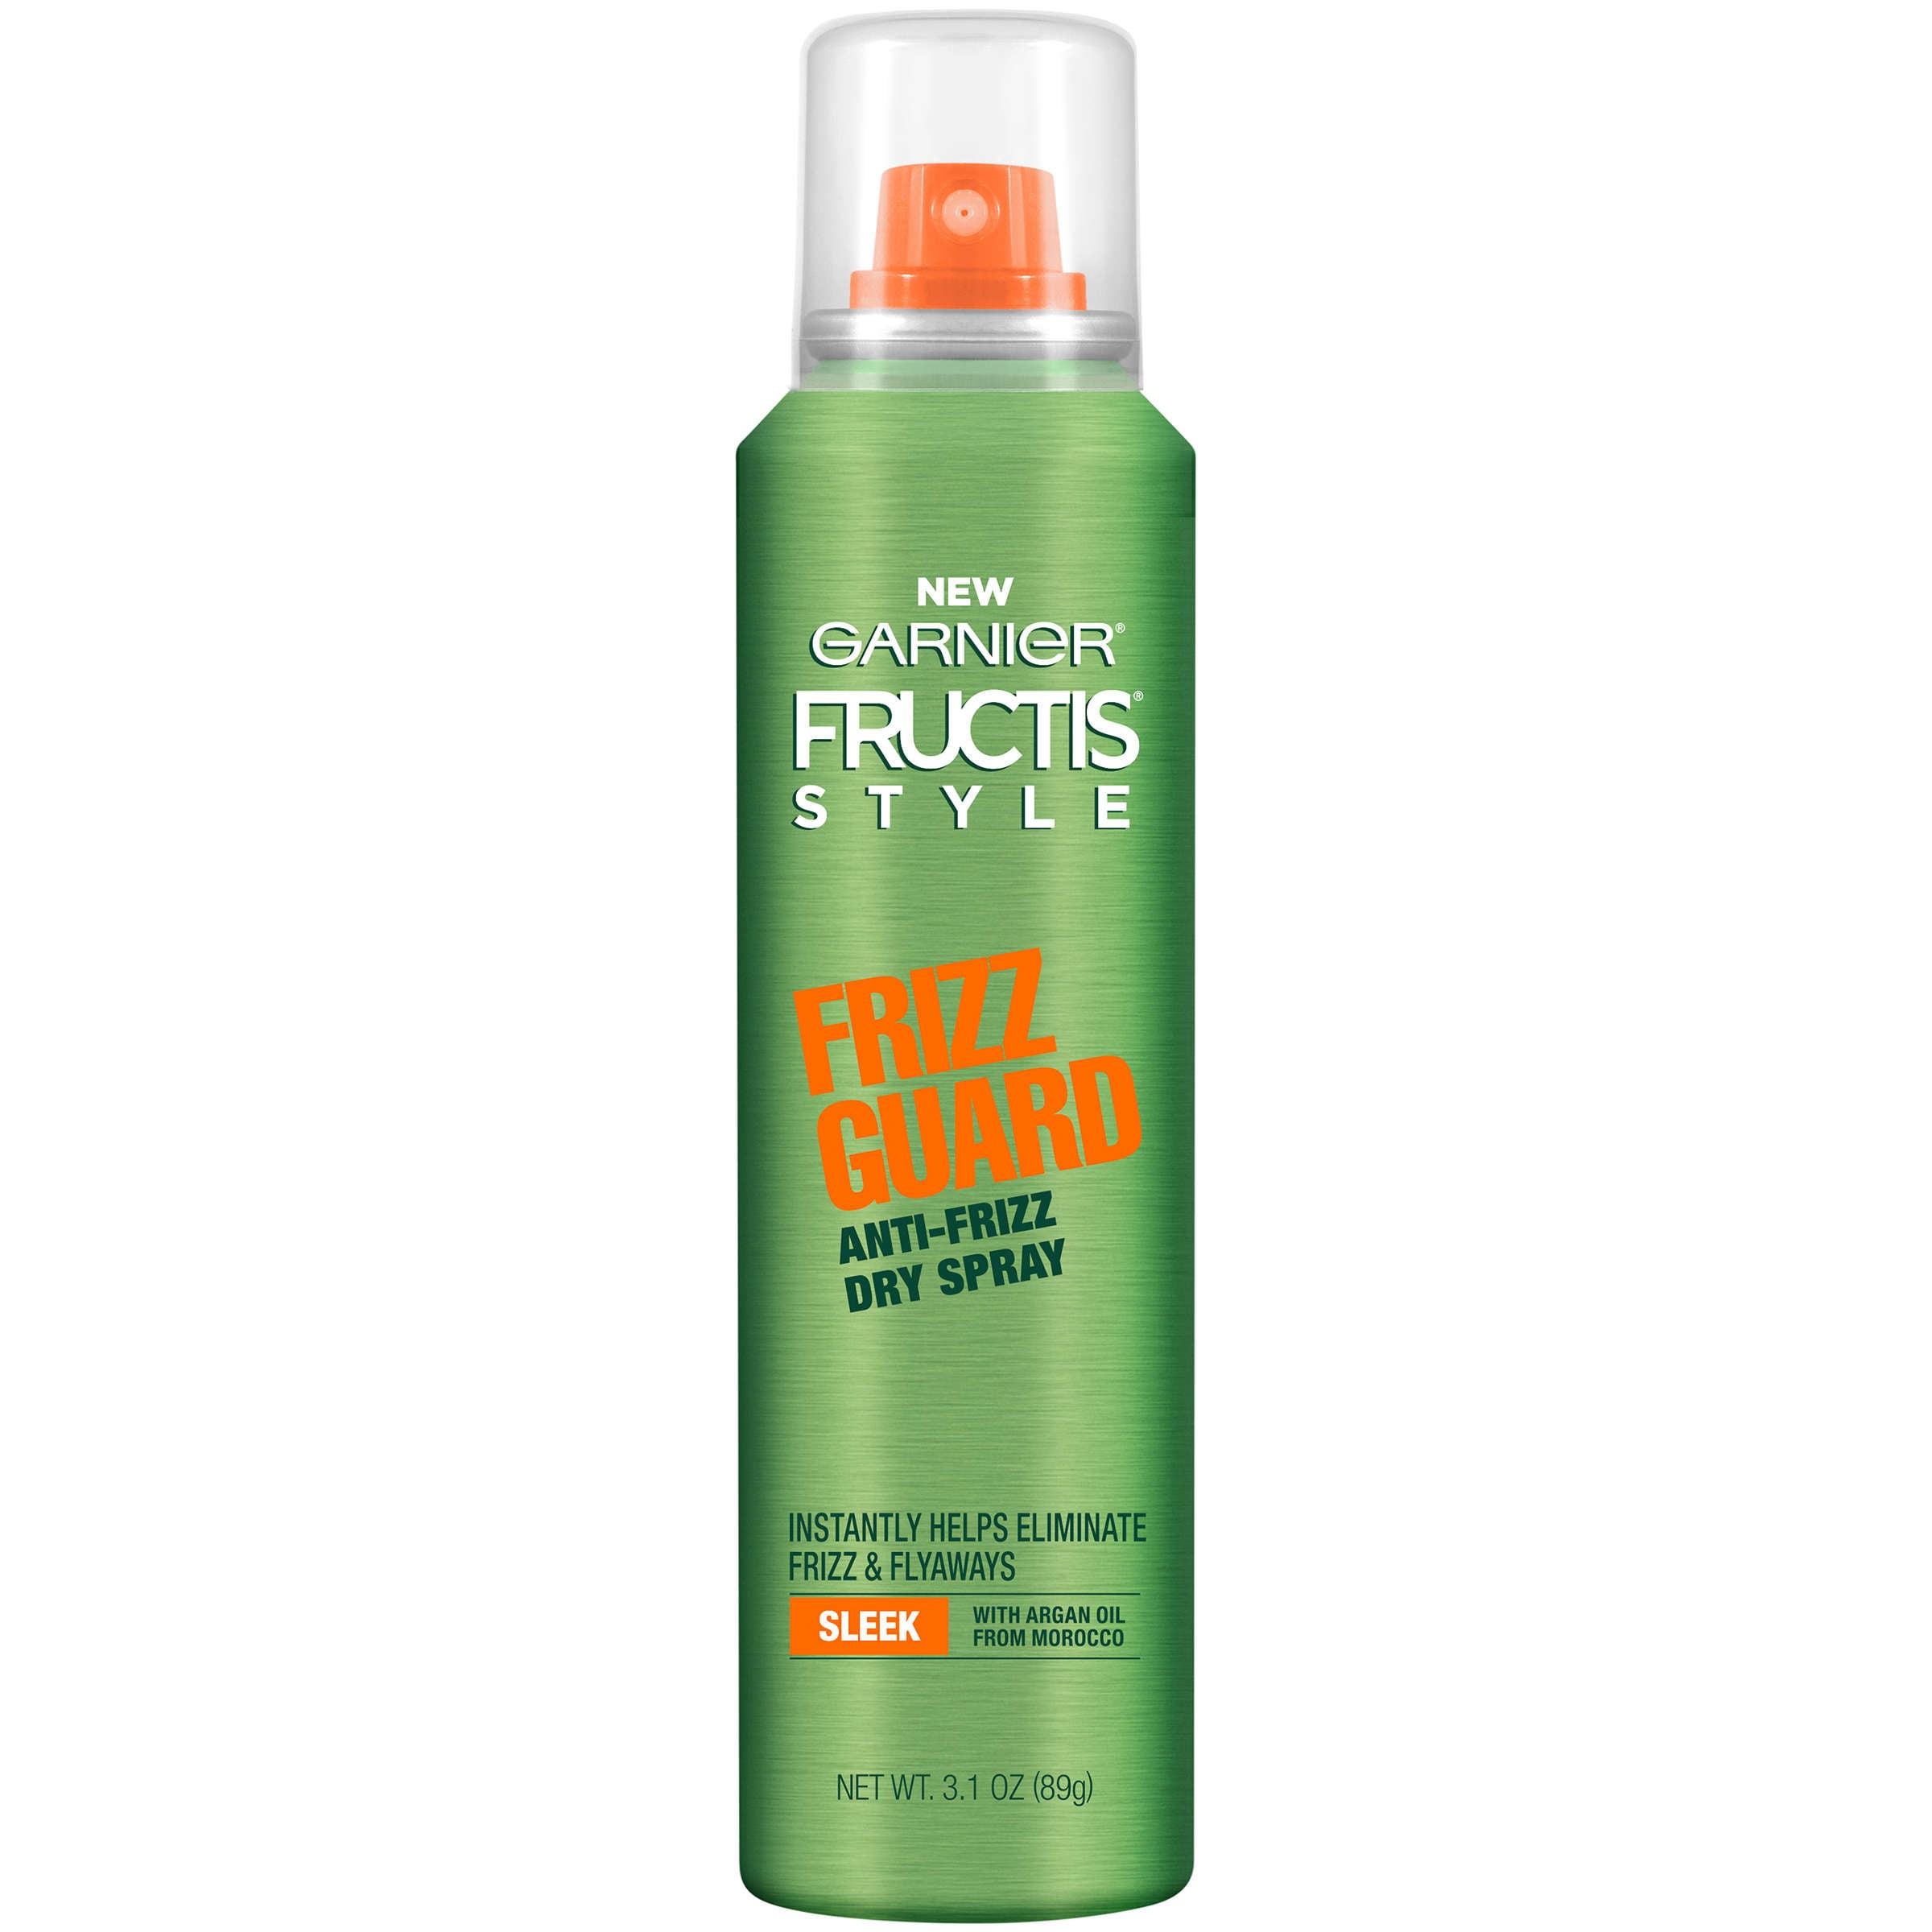 Garnier Fructis Style Frizz Guard Anti Frizz Dry Spray 31 Oz